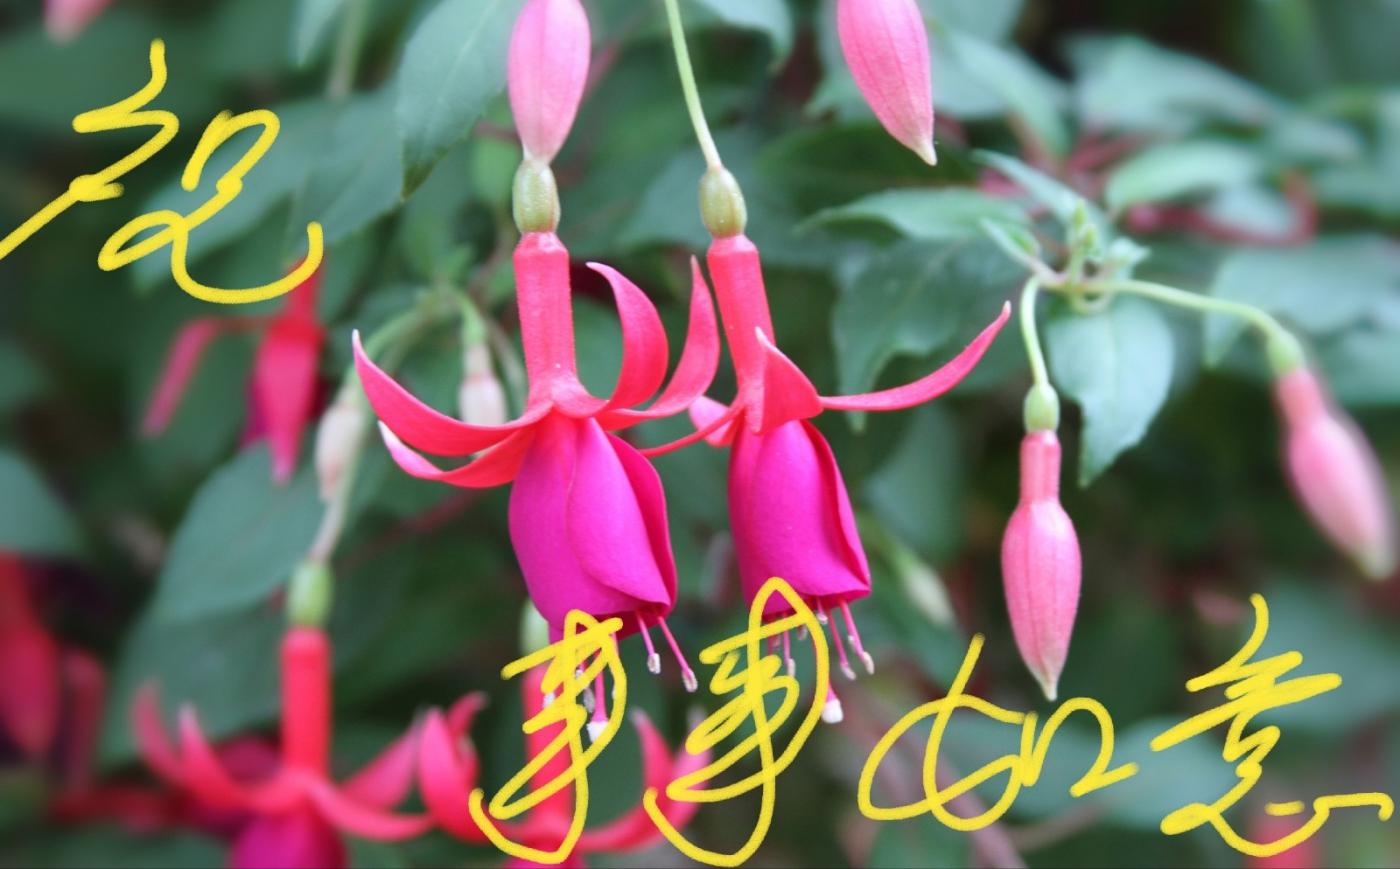 〔田螺攝影〕把祝福寫進花開里 新年好!_圖1-15